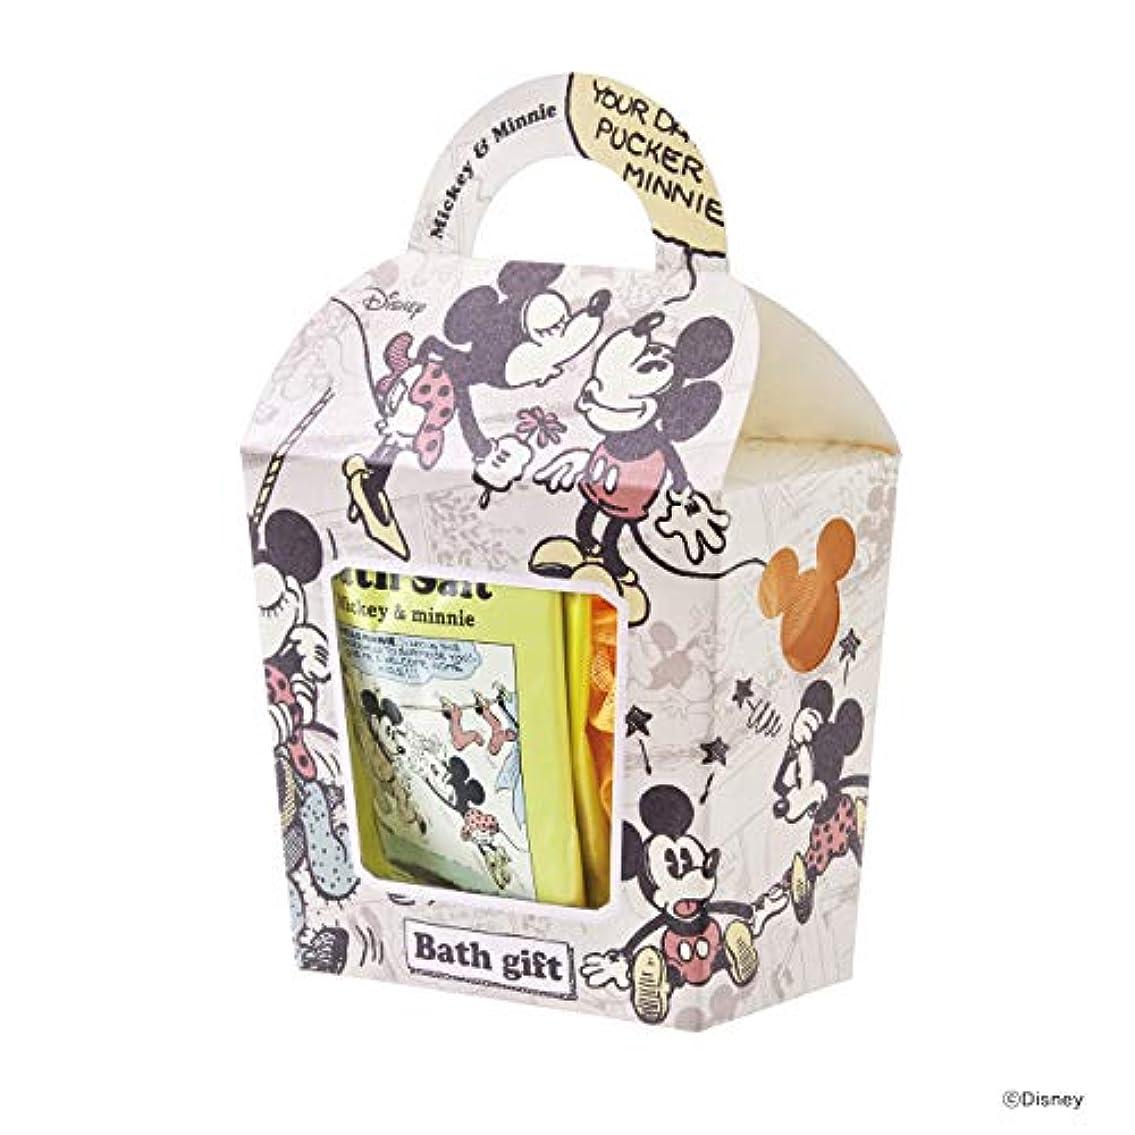 に対処する庭園モックミッキーデザインコレクション01バスギフトイエロー